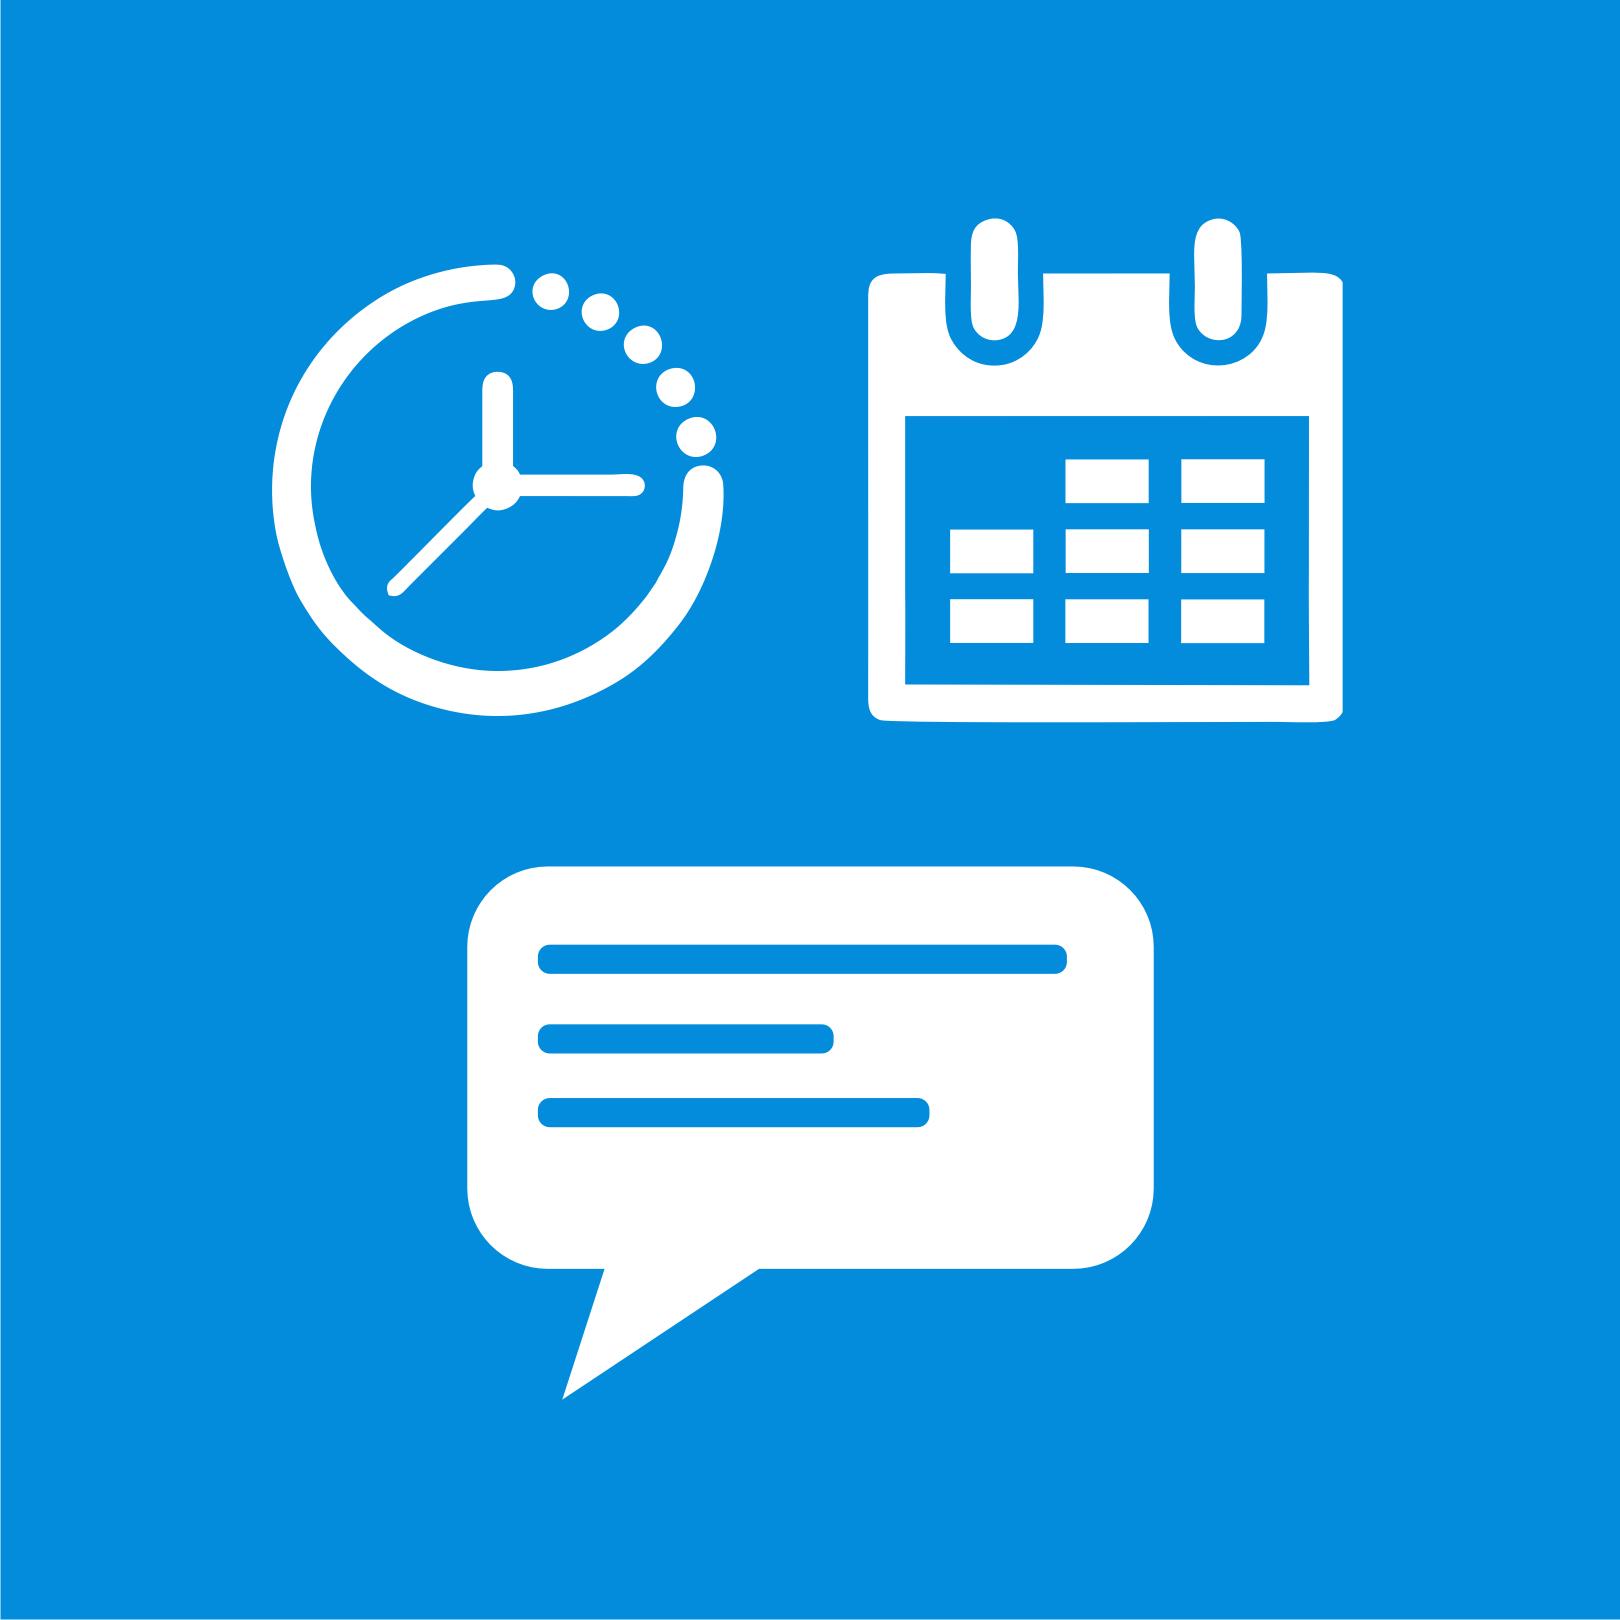 Tablica posiada funkcję automatycznego włączania i wyłączania o zadanych godzinach